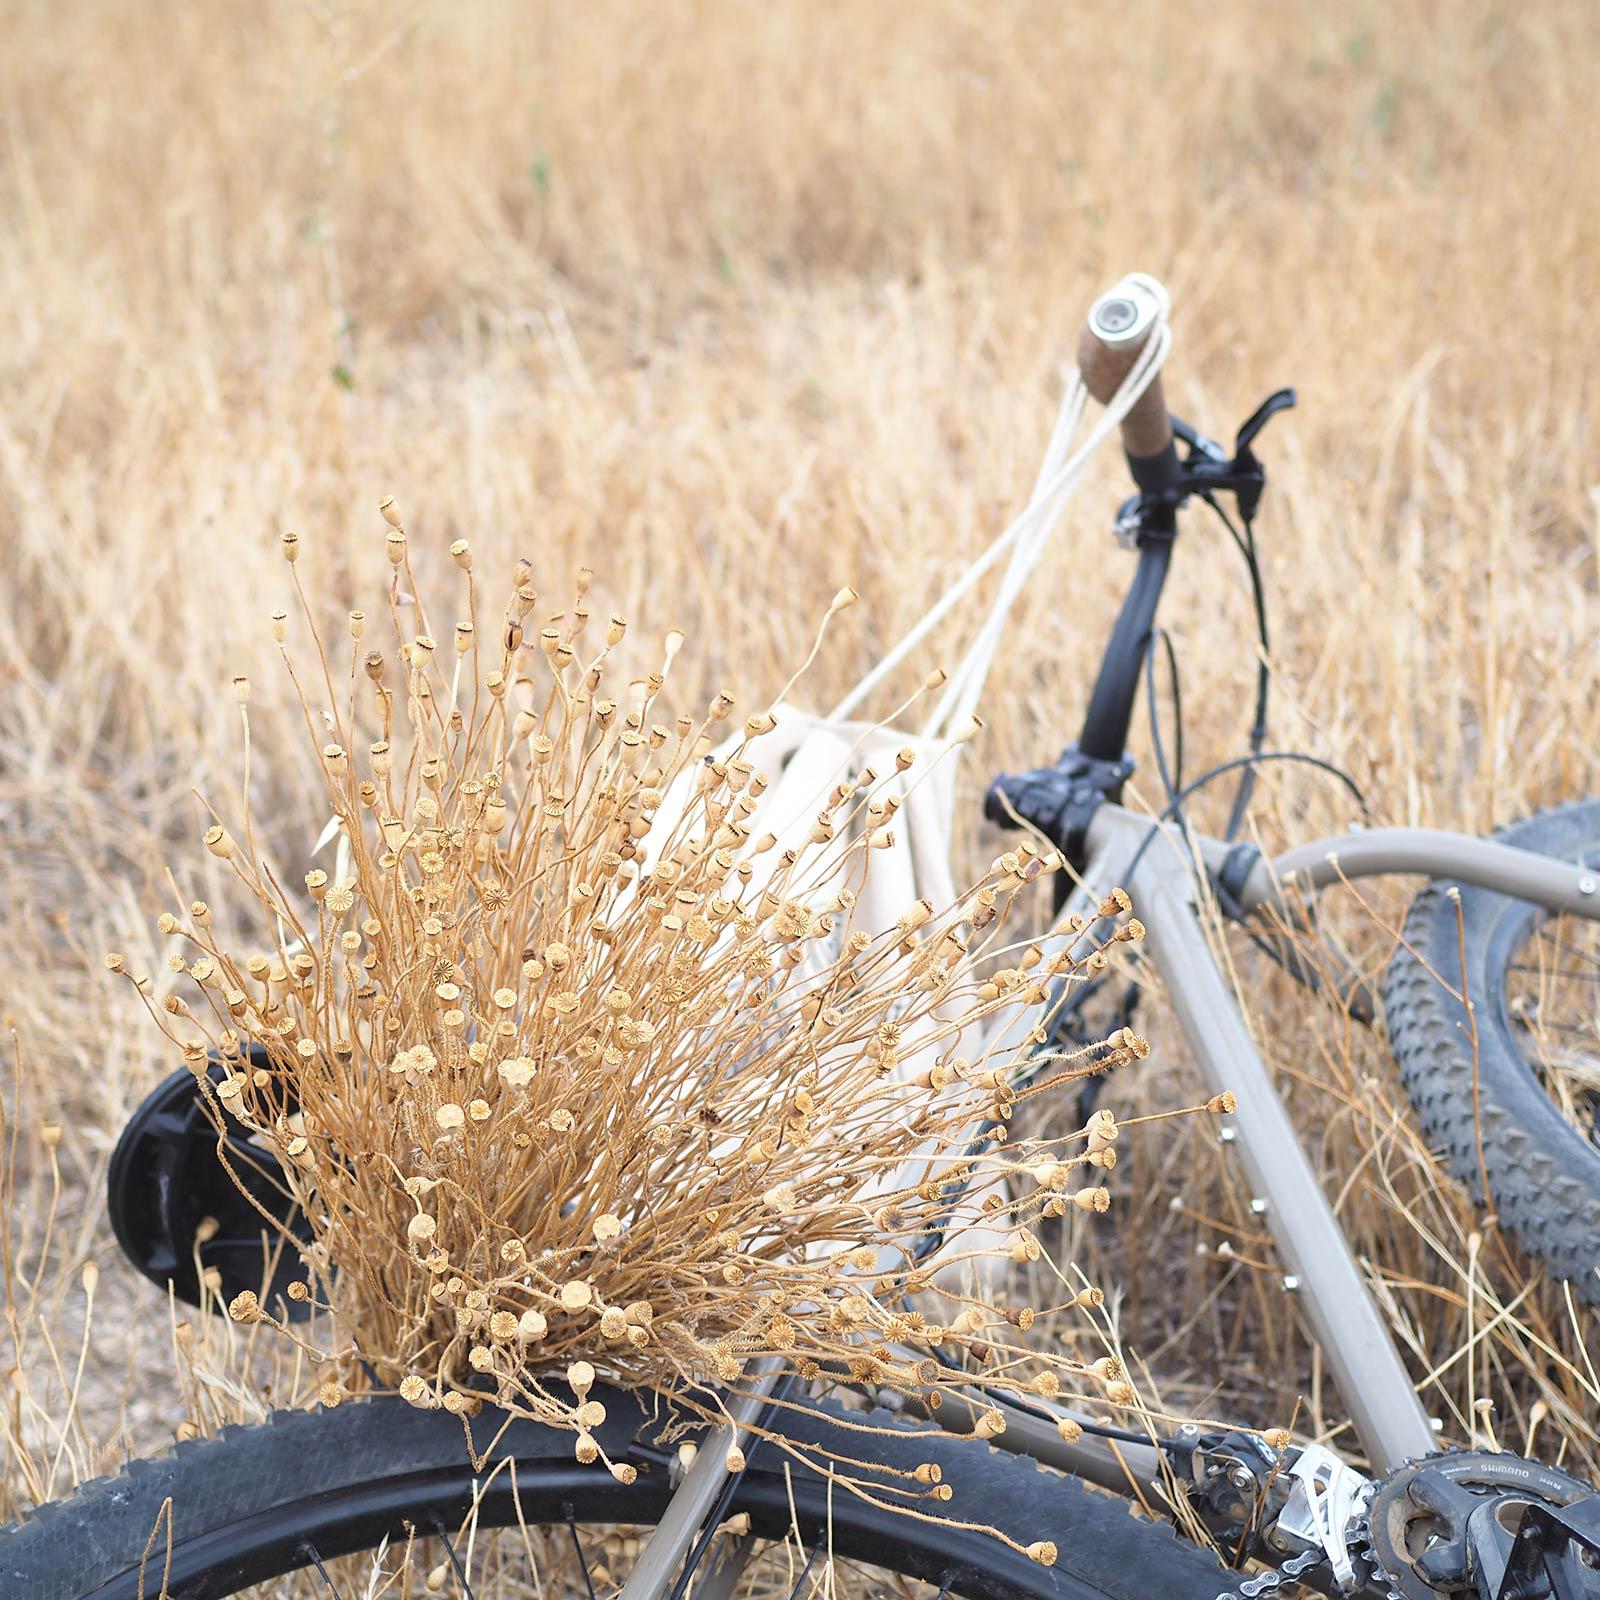 cueillette-coquelicots-automne-bicyclette surlybike yoniquenews